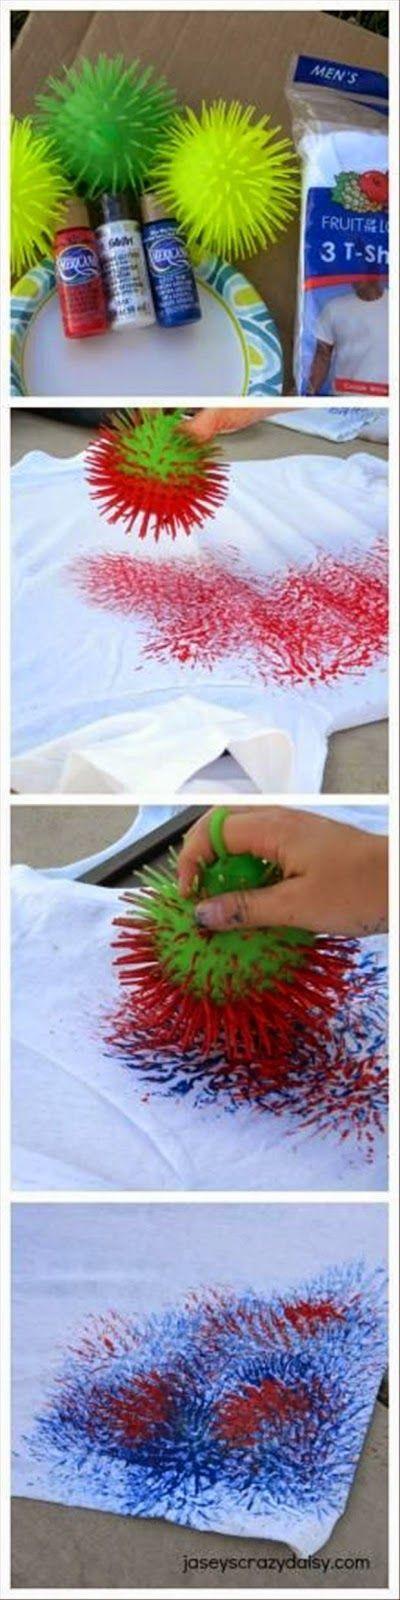 Tutoriales y DIYs: Técnica para pintar camisetas